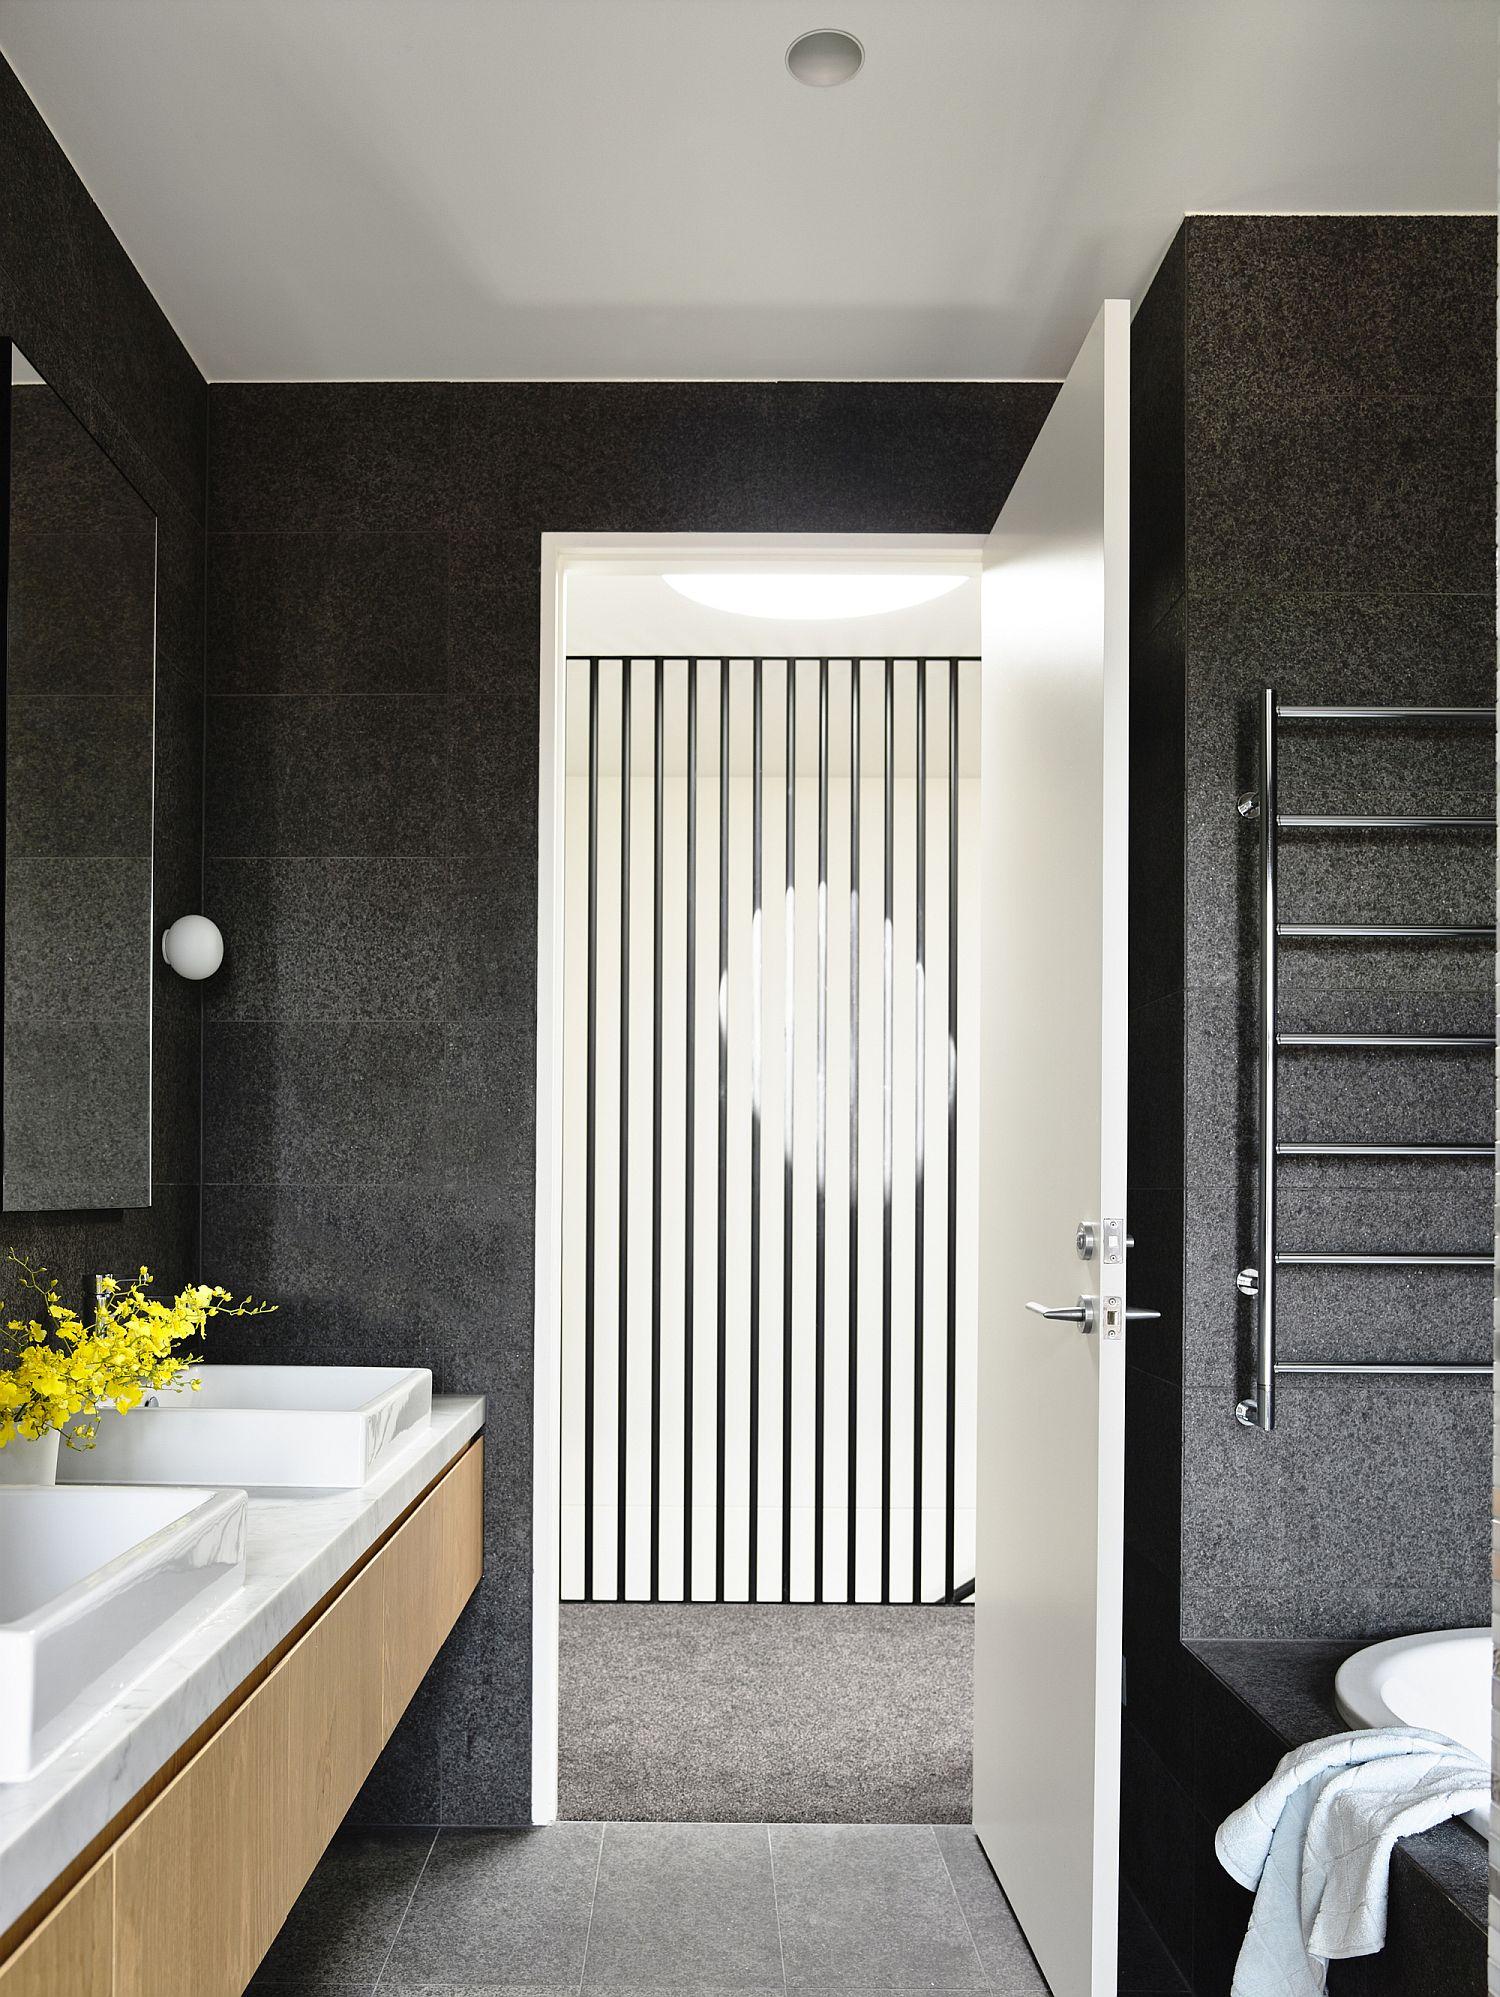 Bathroom combines dark walls with light wood vanity and stone countertop